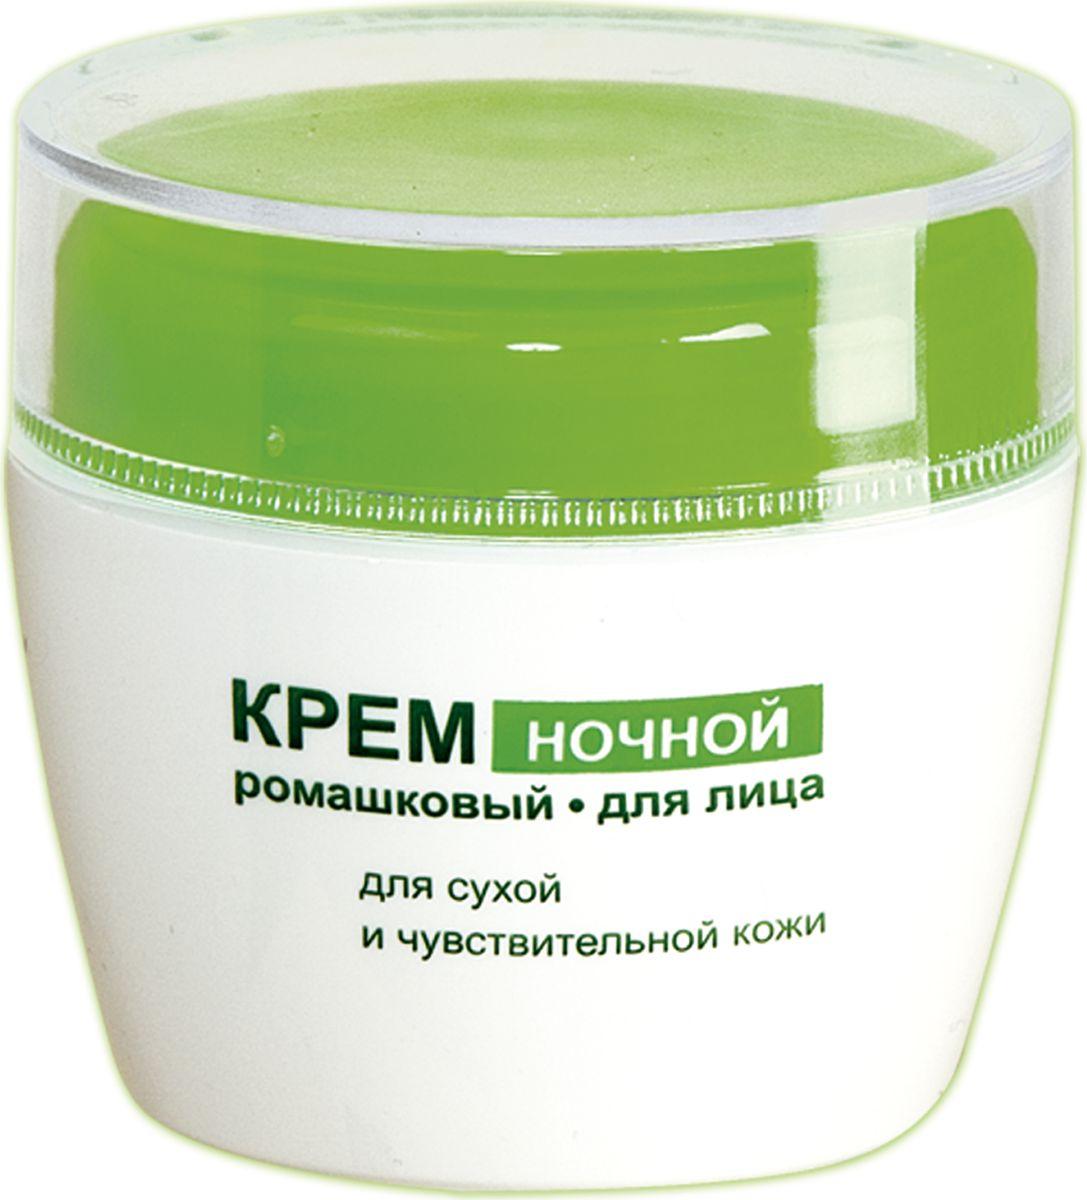 Белита Крем ромашковый для лица ночной для сухой и чувствительной кожи, 50 млB-793Сухой и чувствительной коже в ночное время необходимо интенсивное питание и восстановление. В креме Ромашковом для сухой и чувствительной кожи идеально подобраны специальные активные компоненты. Экстракт ромашки и аллантоин — успокаивают и восстанавливают кожу, делают лицо свежим и отдохнувшим. Масло арники и масло зародышей пшеницы — интенсивно питают, оказывают антиоксидантное действие.